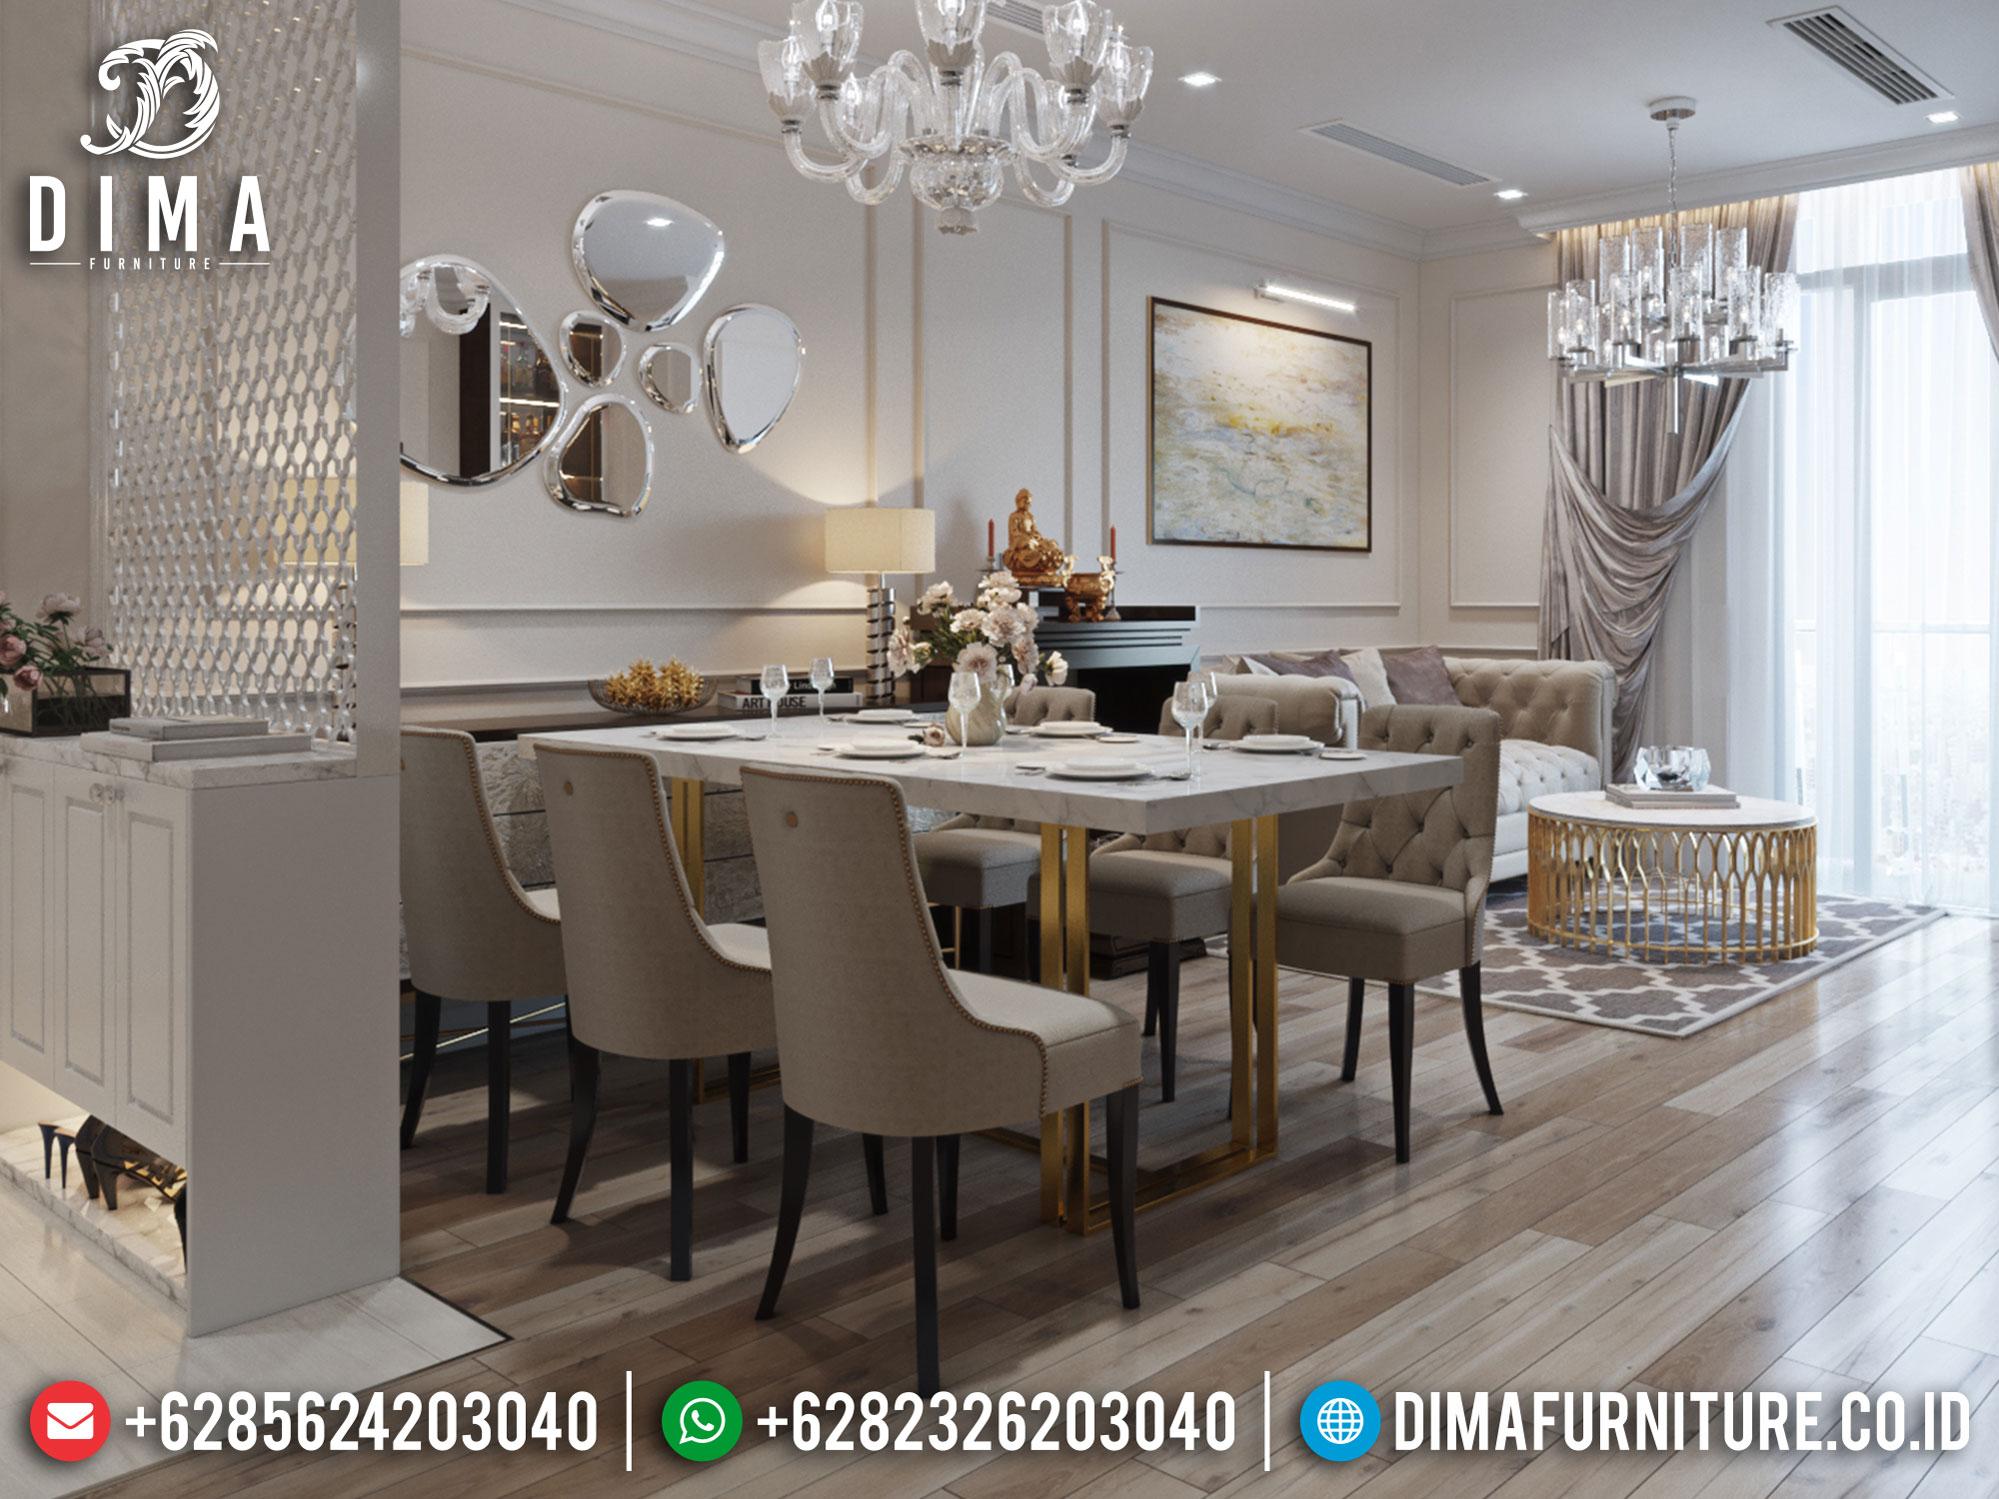 Harga Meja Makan Modern Minimalis Jepara Luxury Set Design Inspiring ST-0957